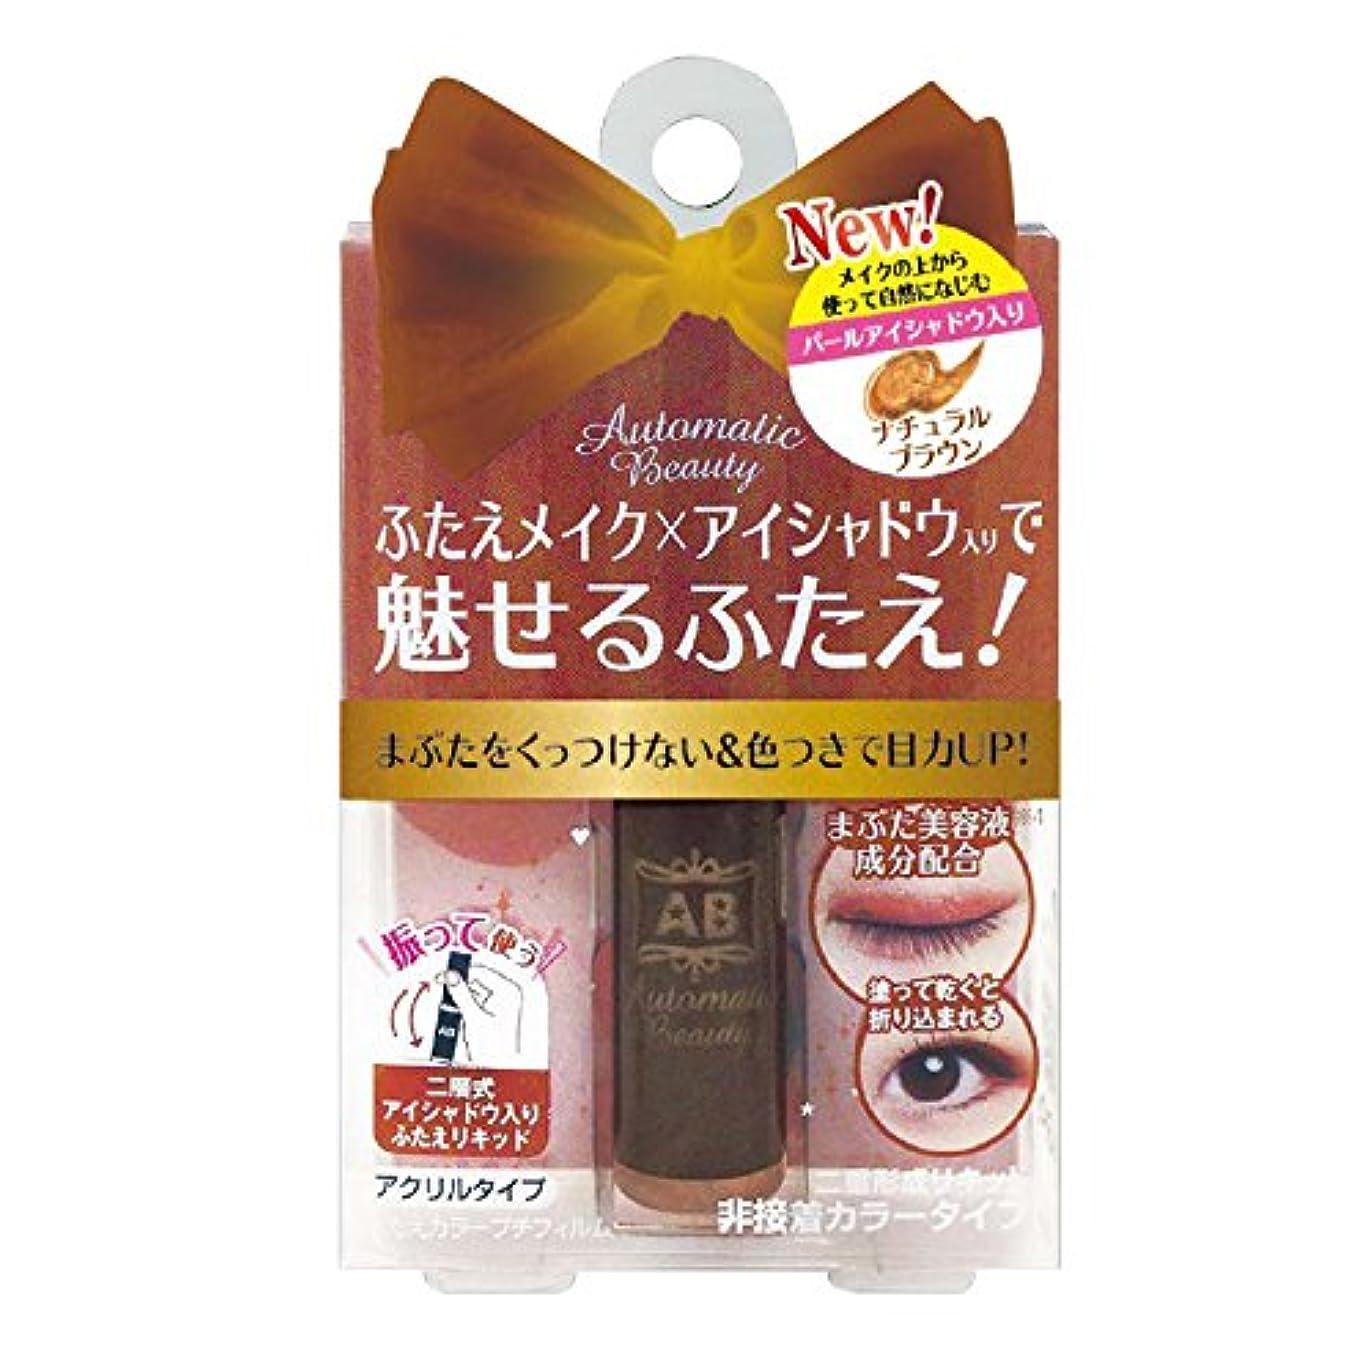 マザーランド喜び空気Automatic Beauty(オートマティックビューティ) ふたえカラープチフィルム ナチュラルブラウン 4.5ml